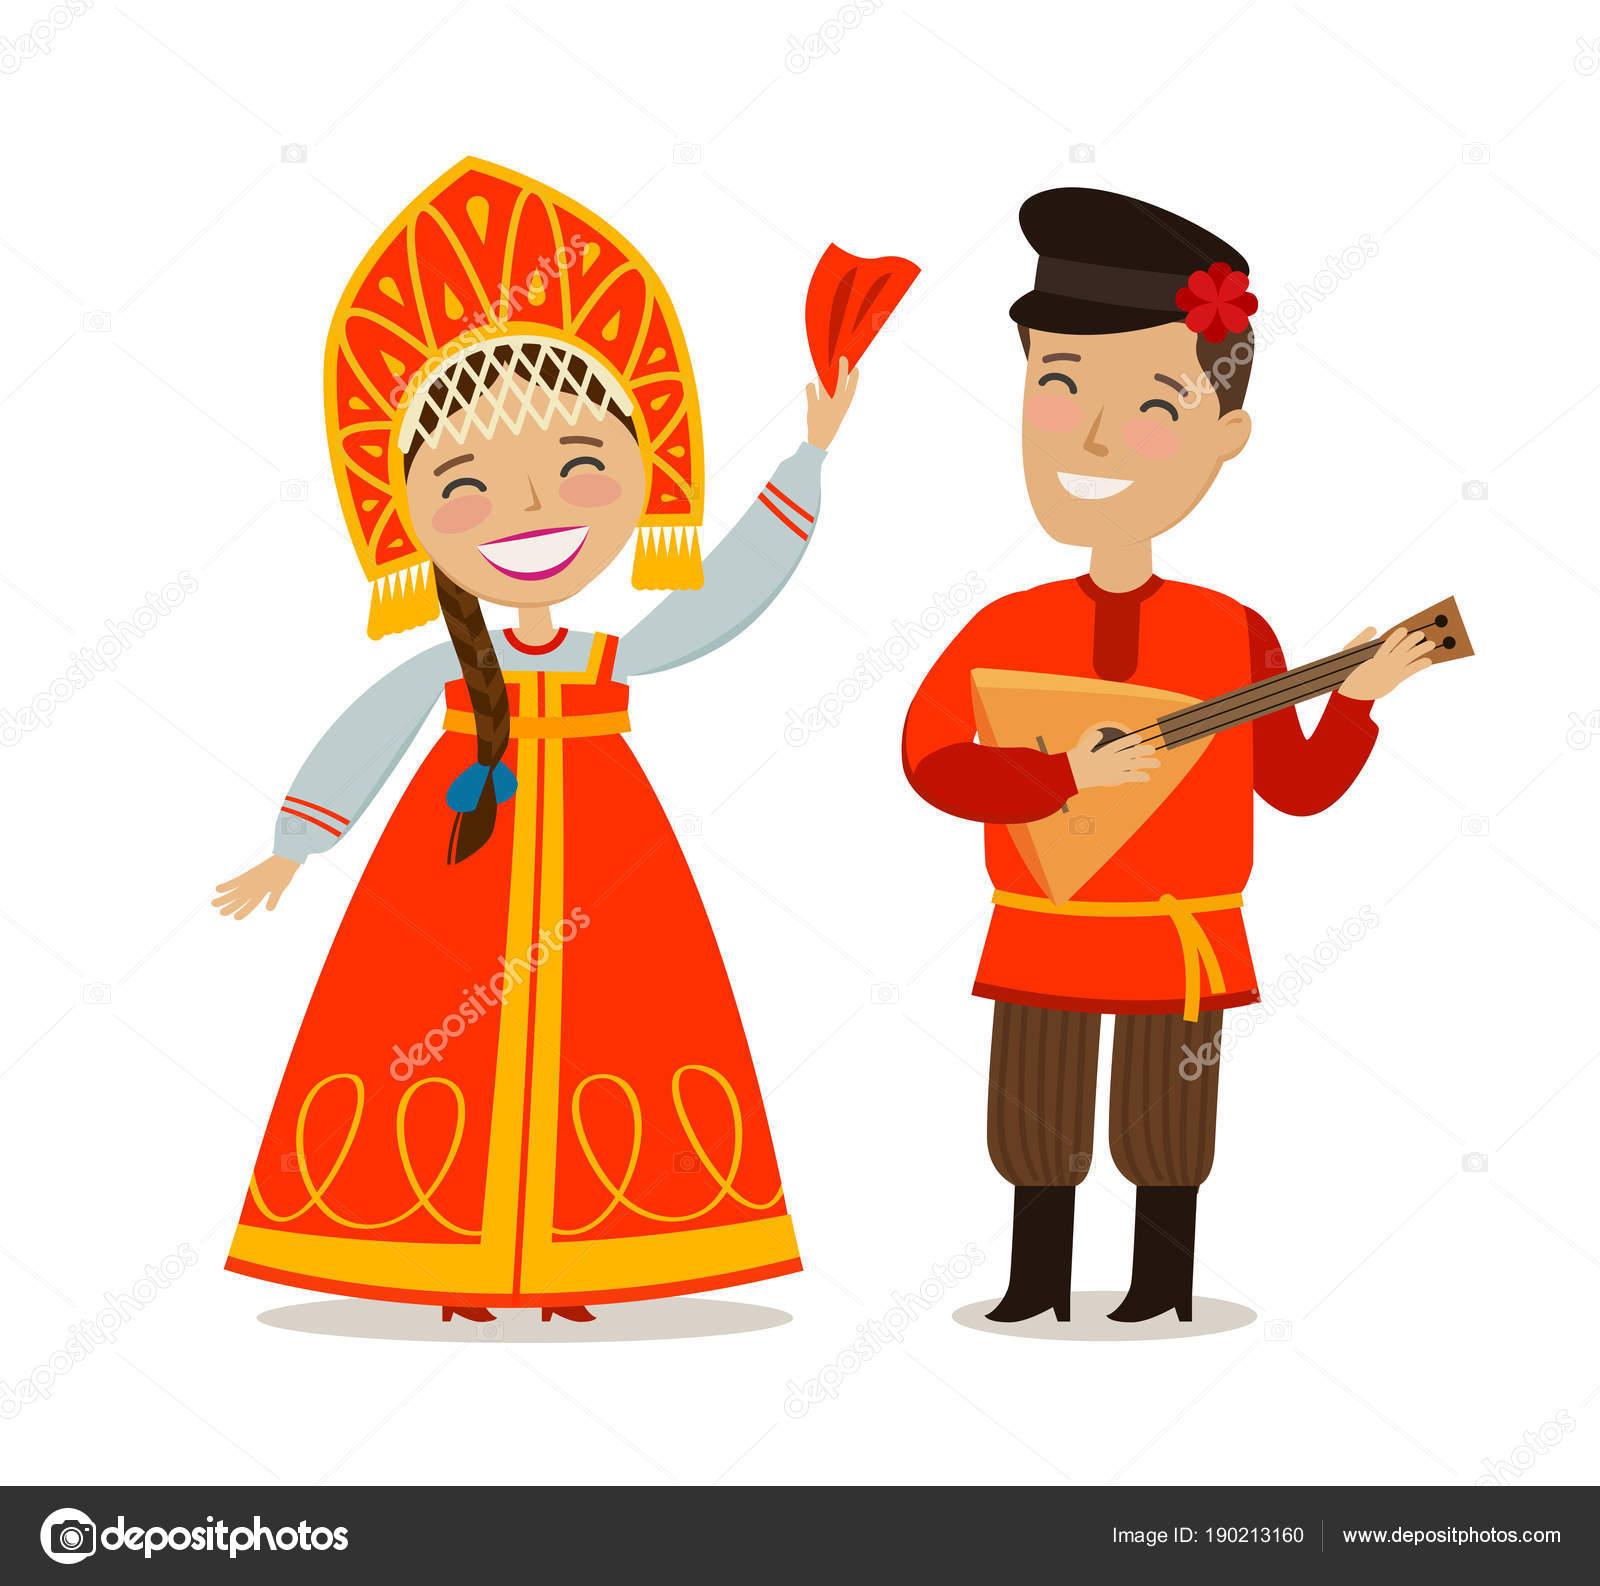 ロシア人国家の民族衣装ロシアモスクワの概念フラット スタイルの